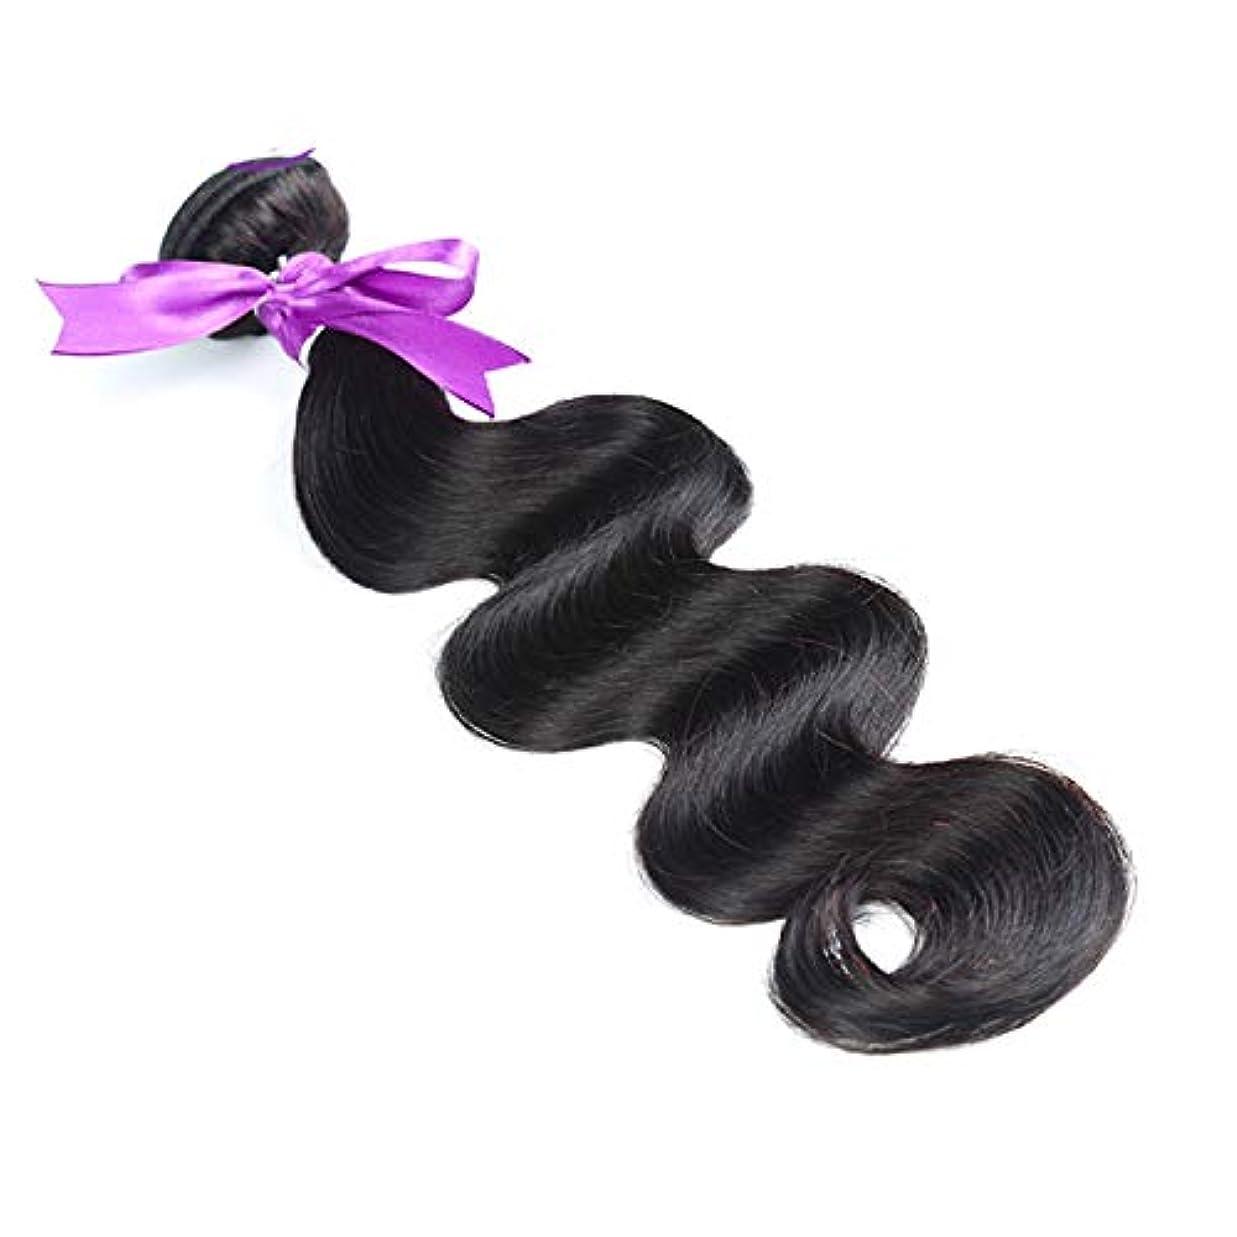 ピラミッド同じペーストかつら ヘアエクステンション織り髪8-28インチ実体波髪バンドル8aグレード人間の髪織りナチュラルカラー非レミー毛延長 (Stretched Length : 28inches)